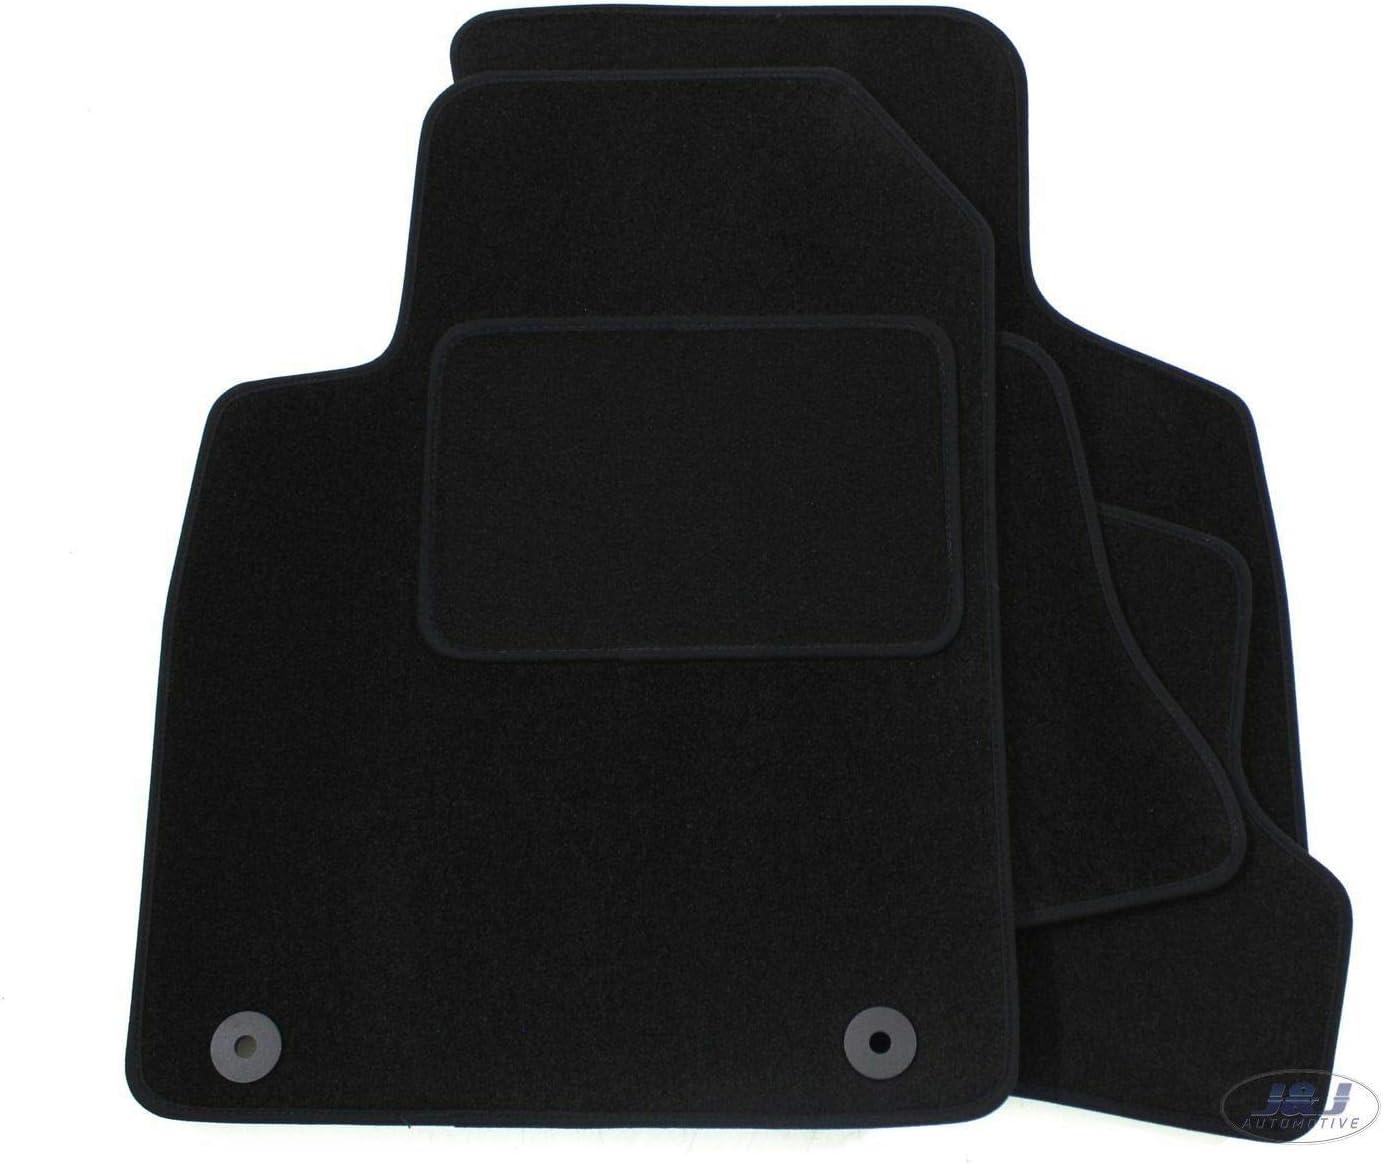 J/&J AUTOMOTIVE Tapis de Sol Noir Velours Compatible avec Audi TT 8N 2000-2007 4 pcs